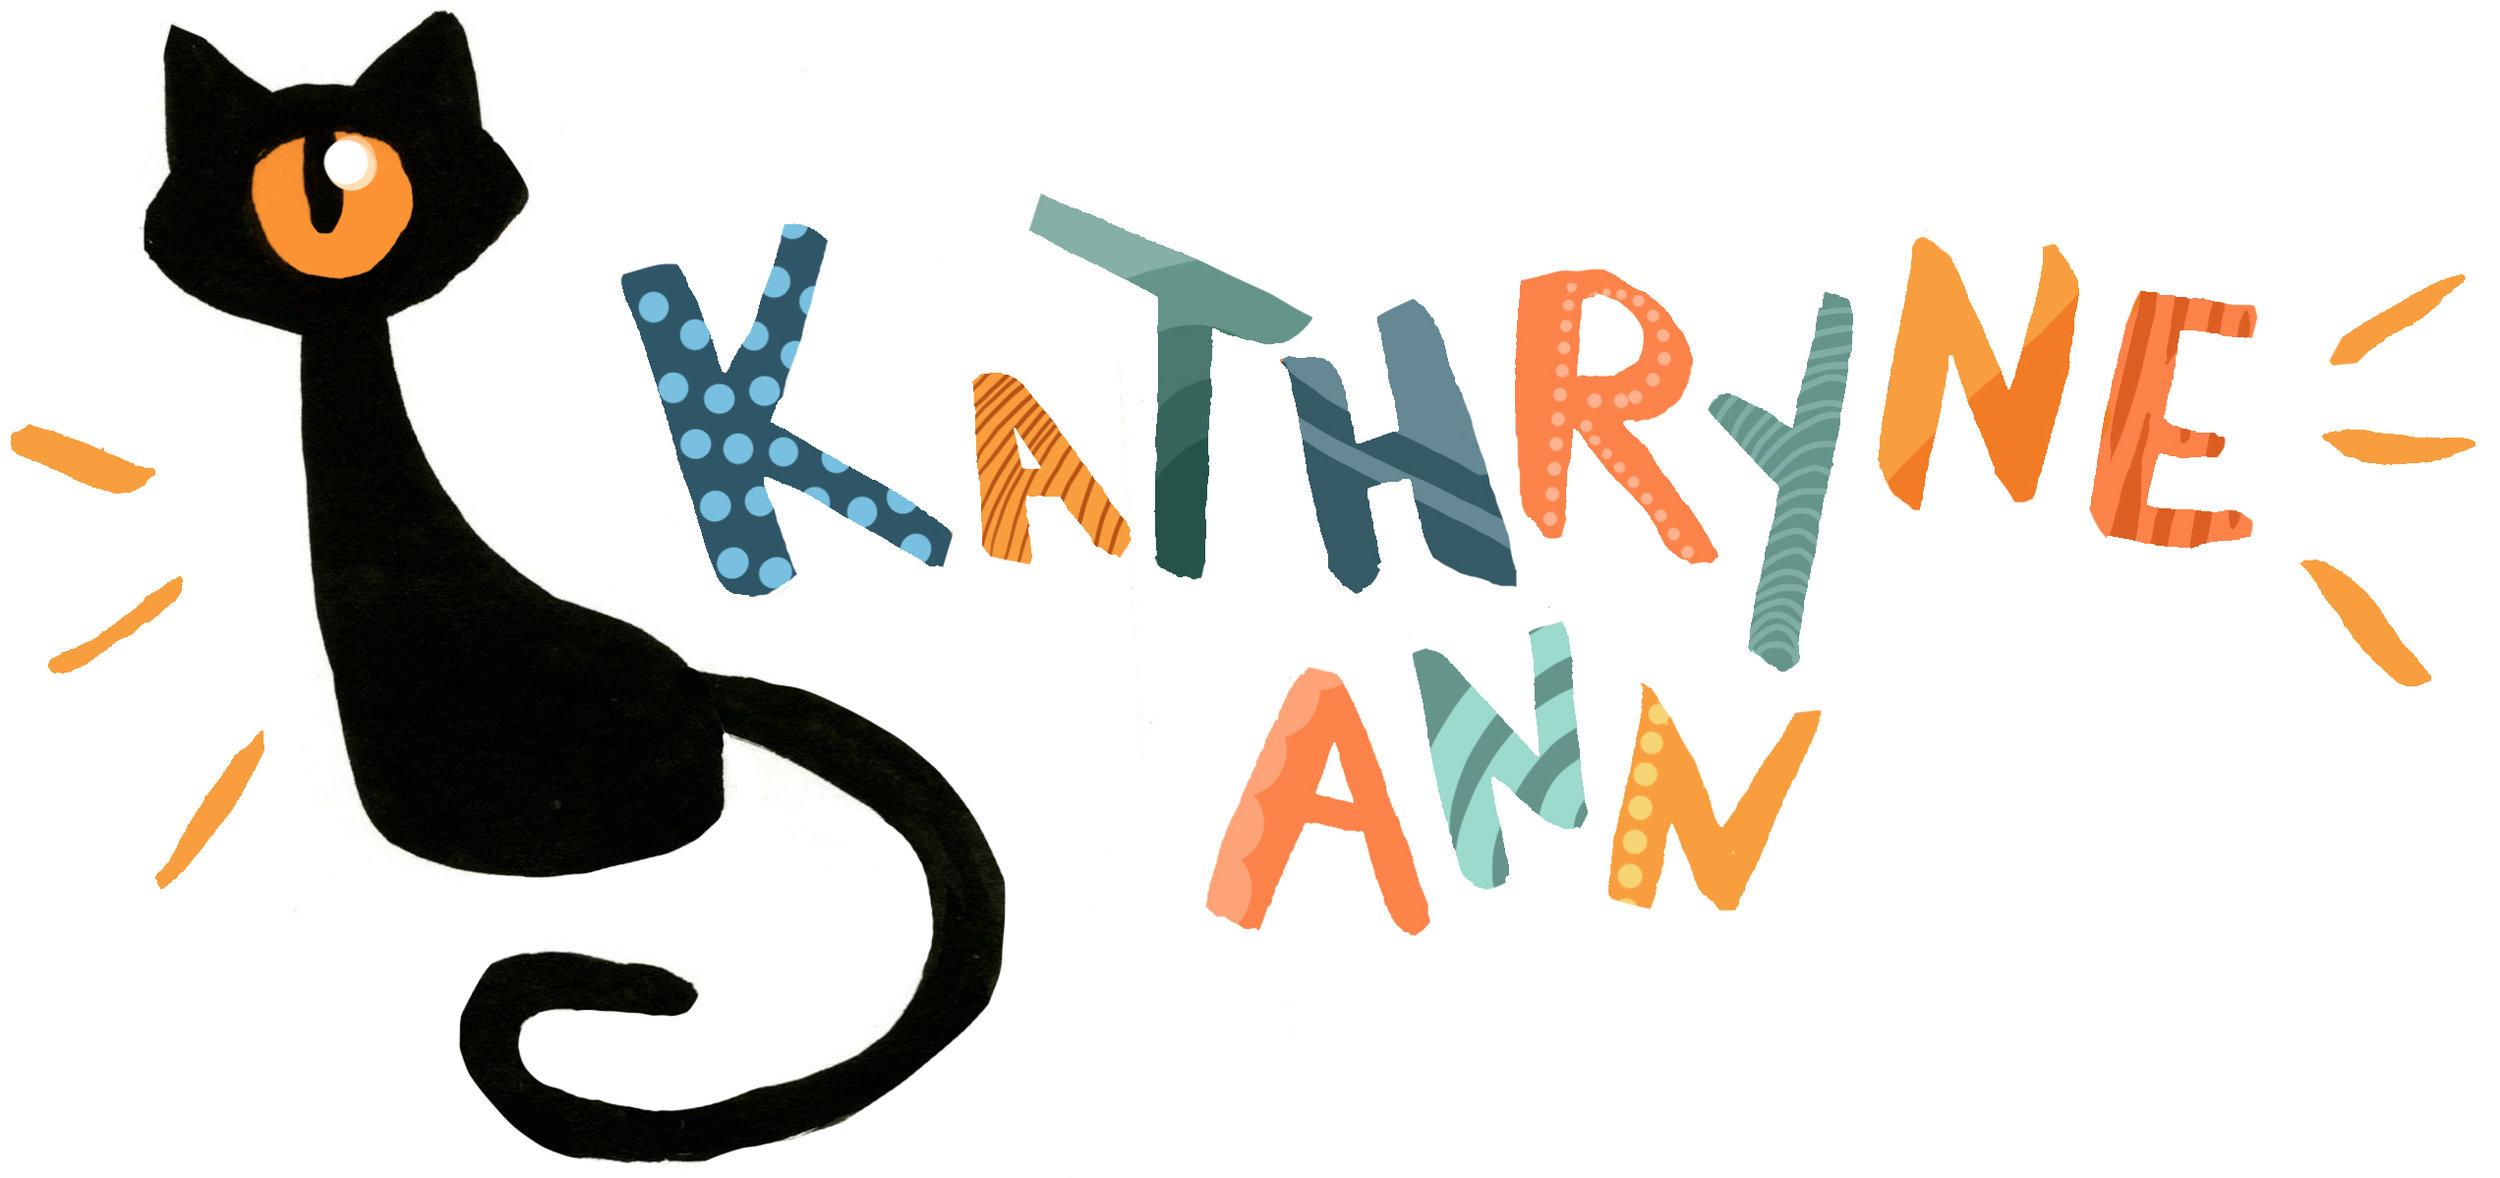 kathryne ann banner.jpg